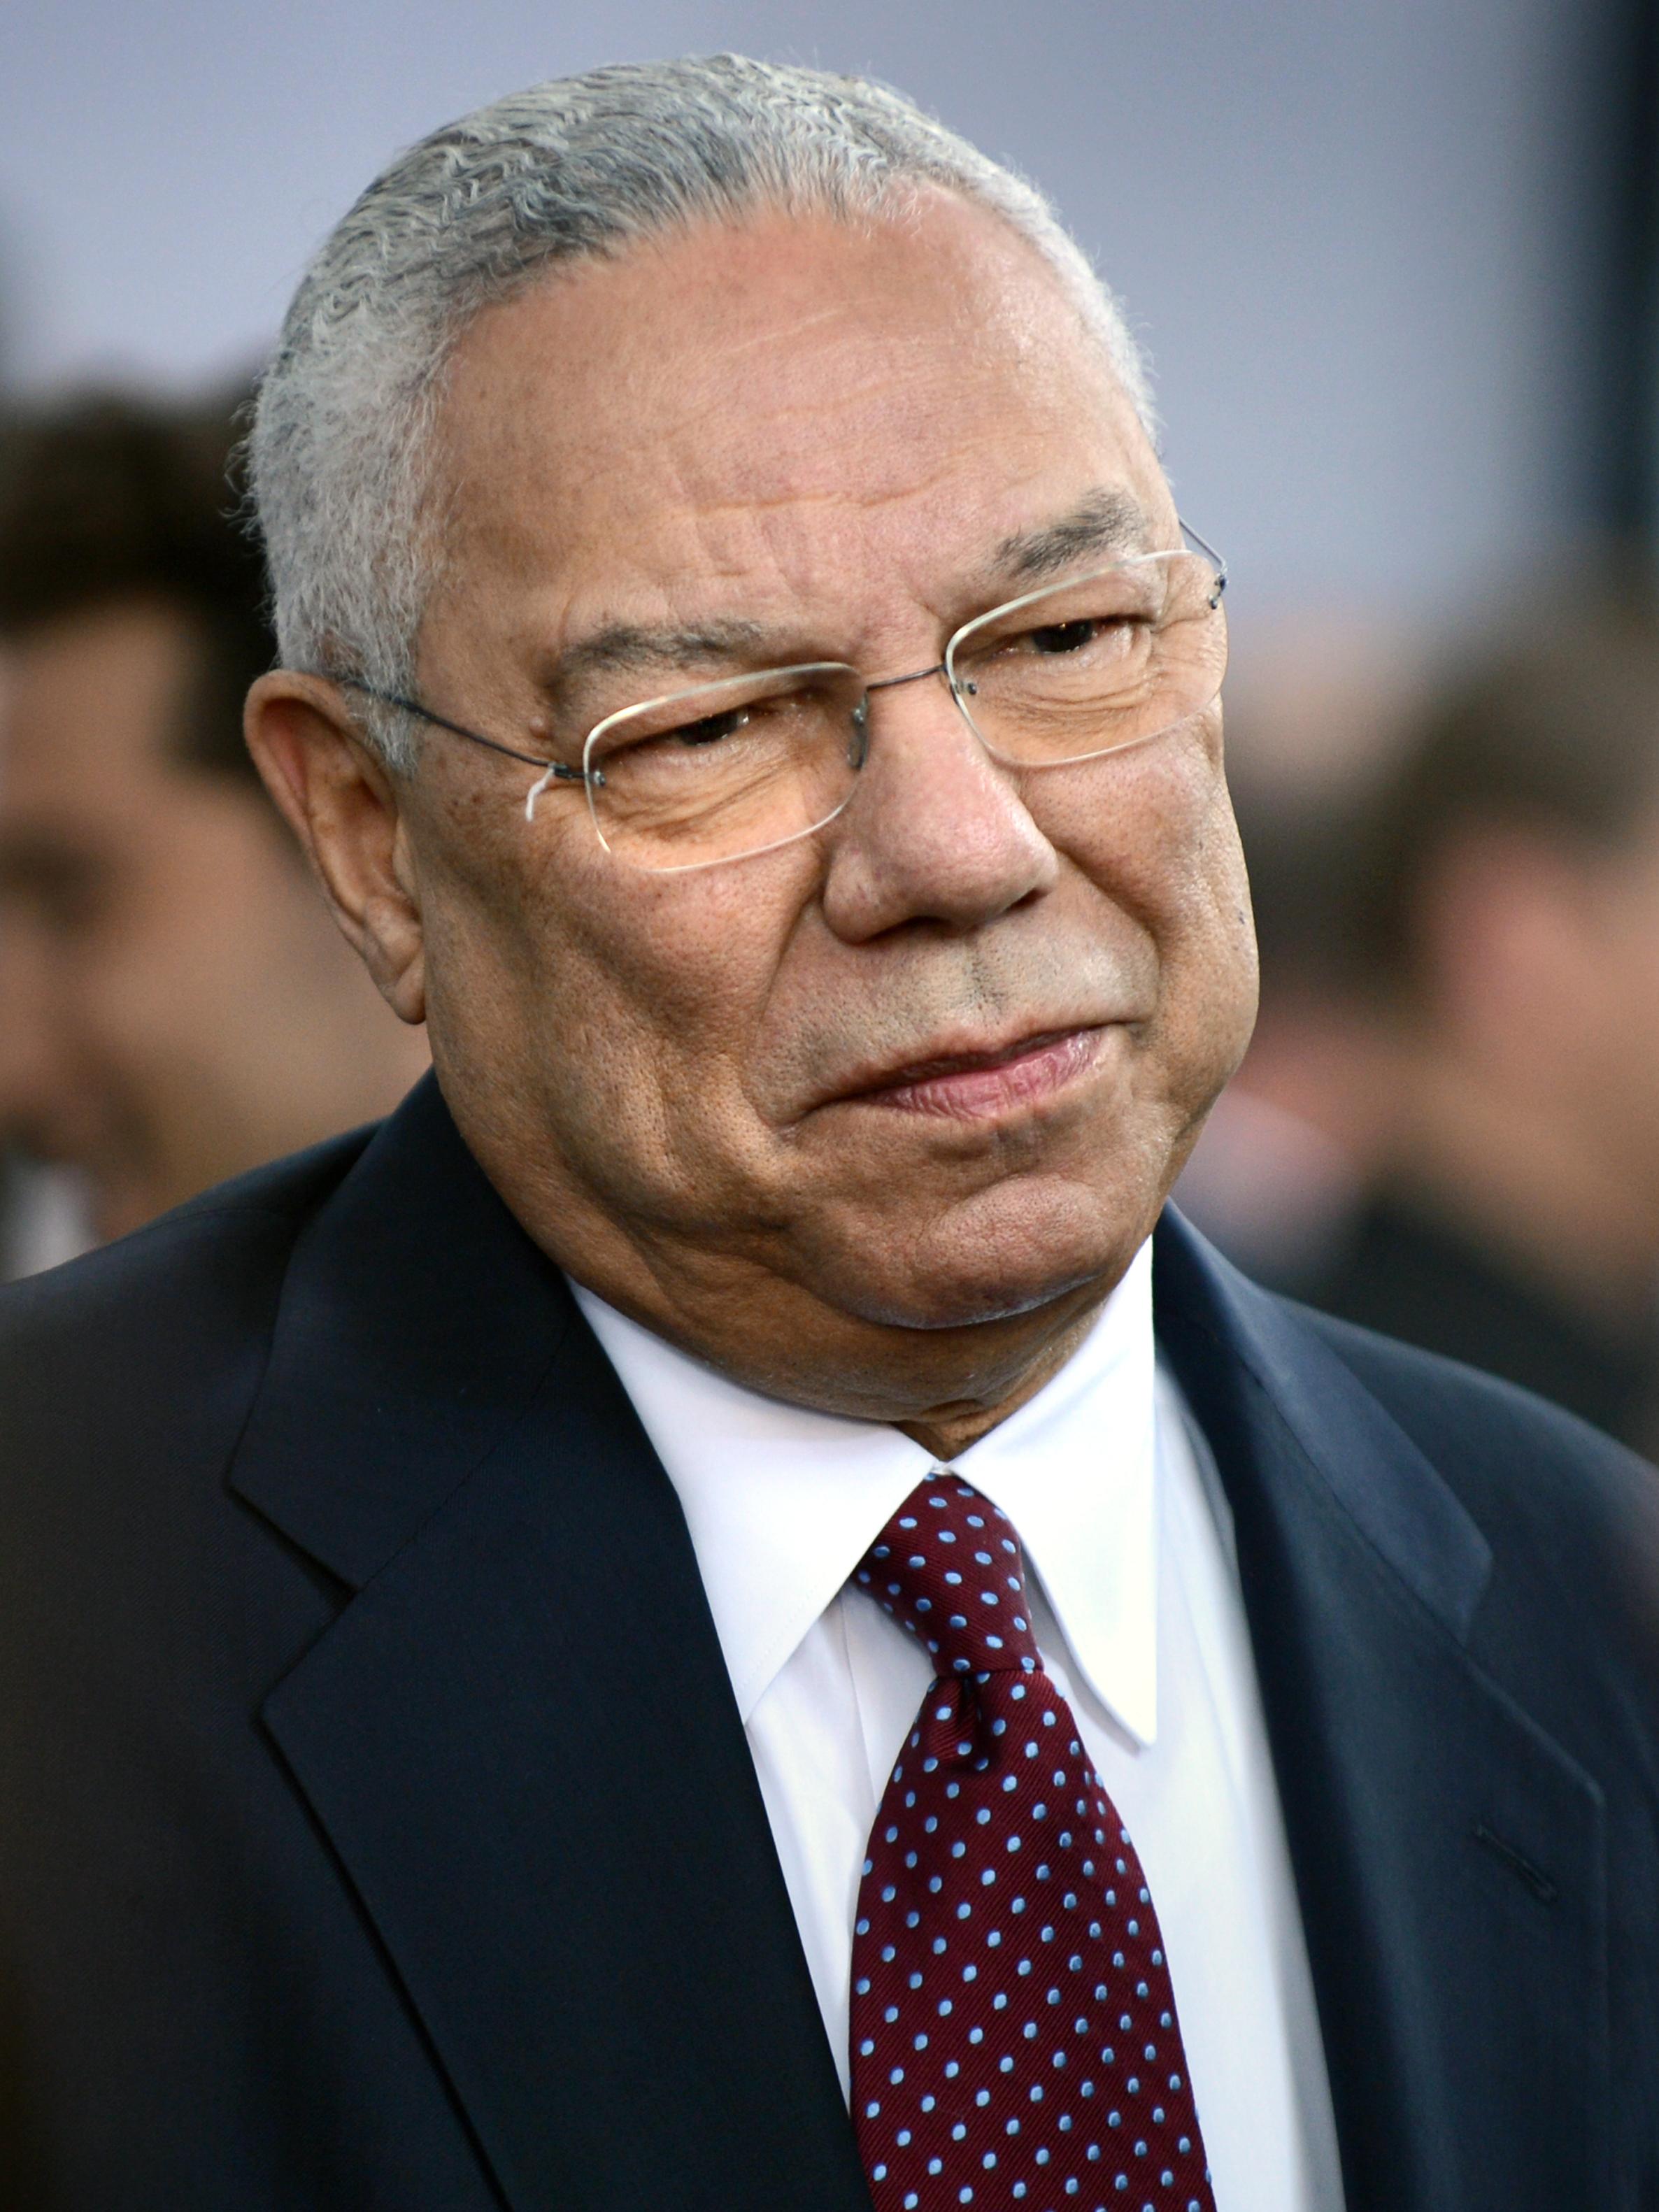 Colin Powell Wikipedia